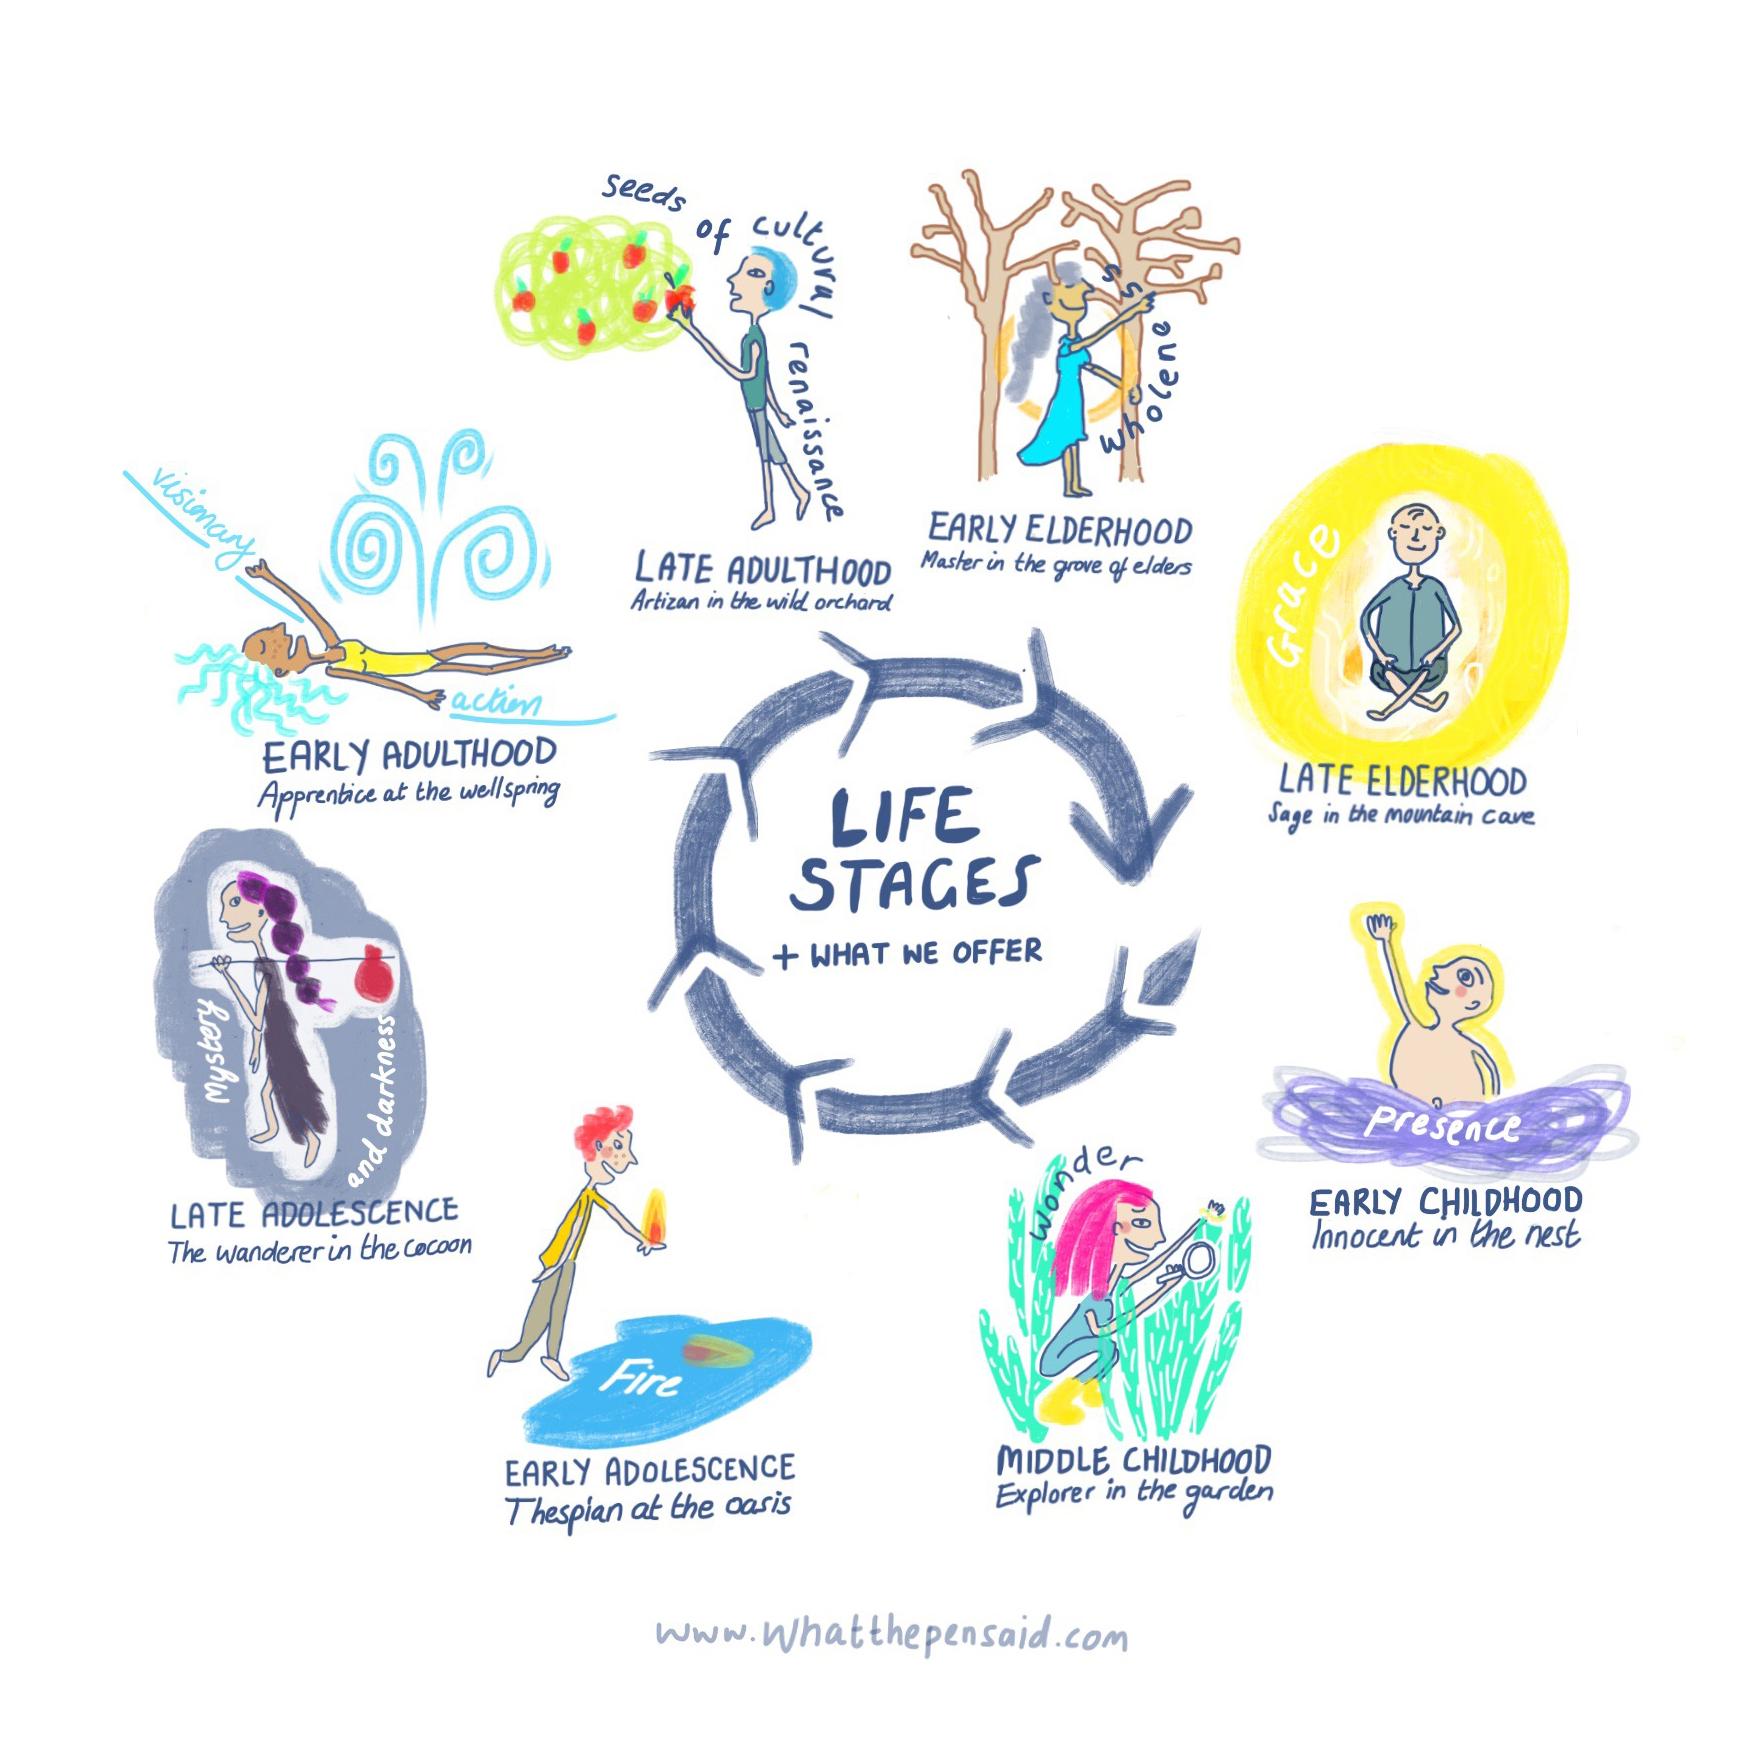 Кратко въведение в Eкоцентричното колело на развитието: етапи от живота, ритуали за инициация и културна трансформация Учене за промяна